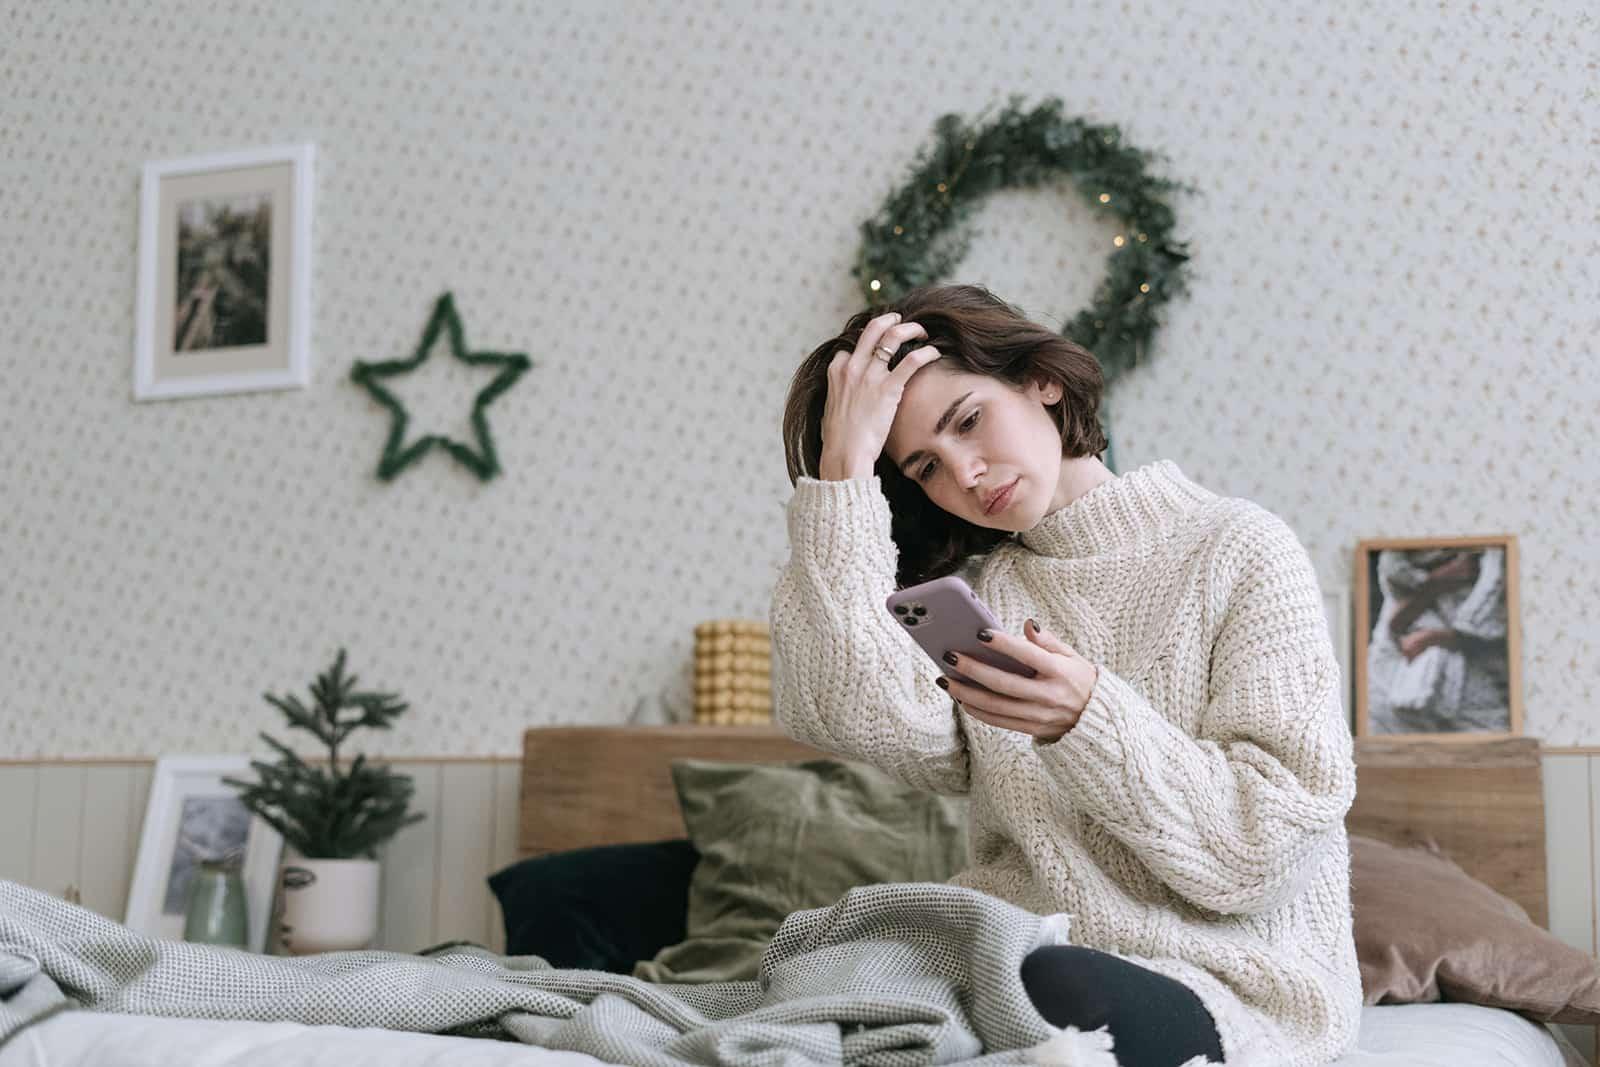 traurige Frau, die Smartphone beim Sitzen auf dem Bett betrachtet